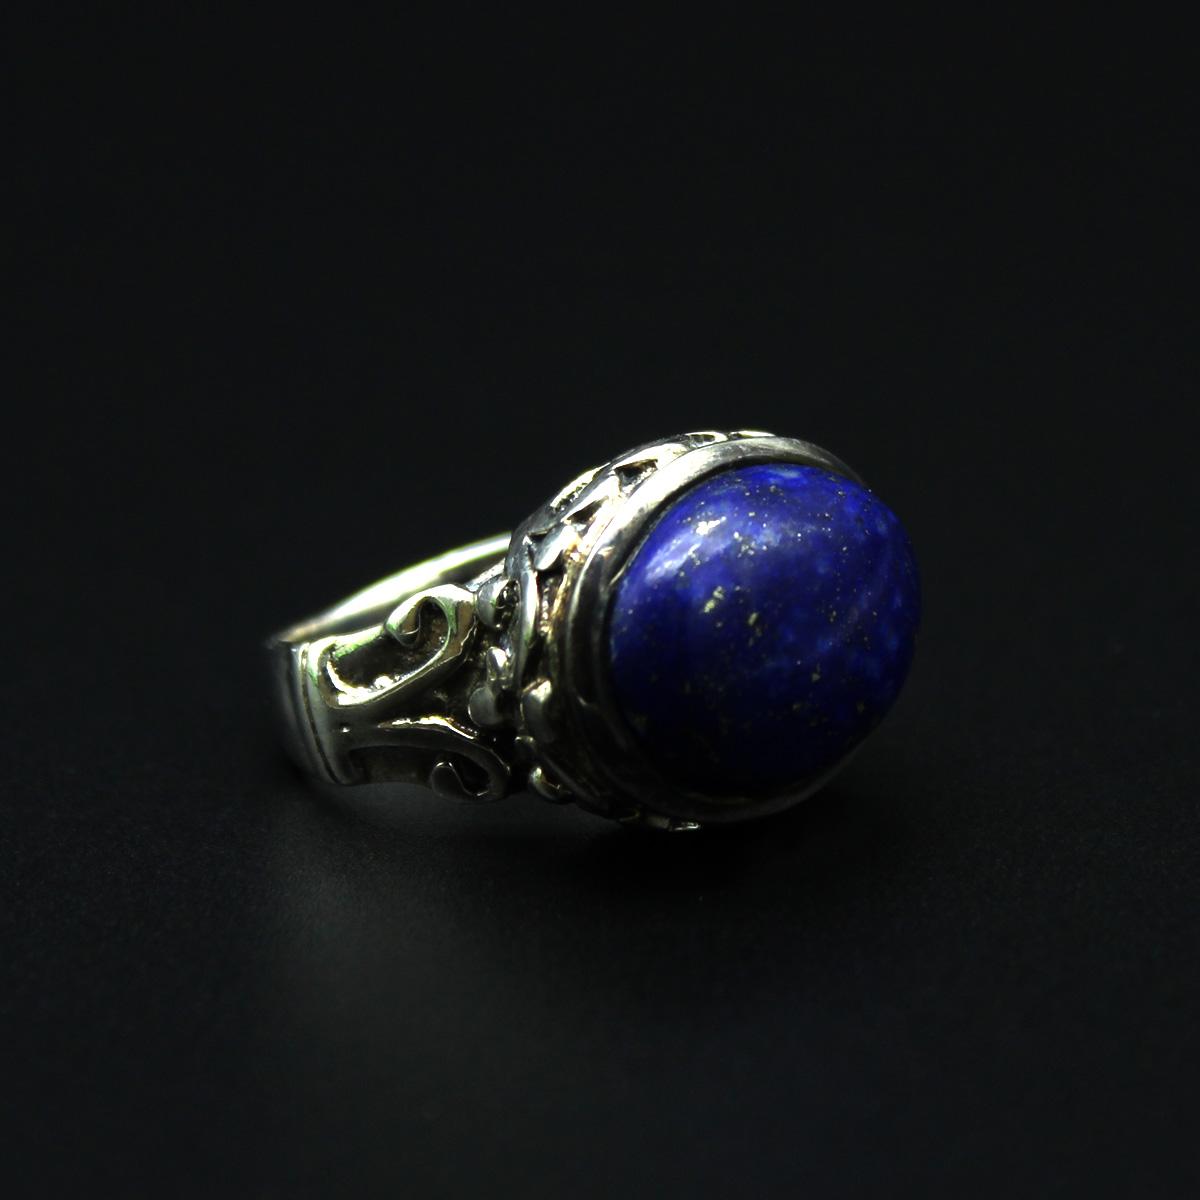 Кольцо, серебро, натуральный камень - голубой лазурит, 10.02 грамм, проба 925, размер 17